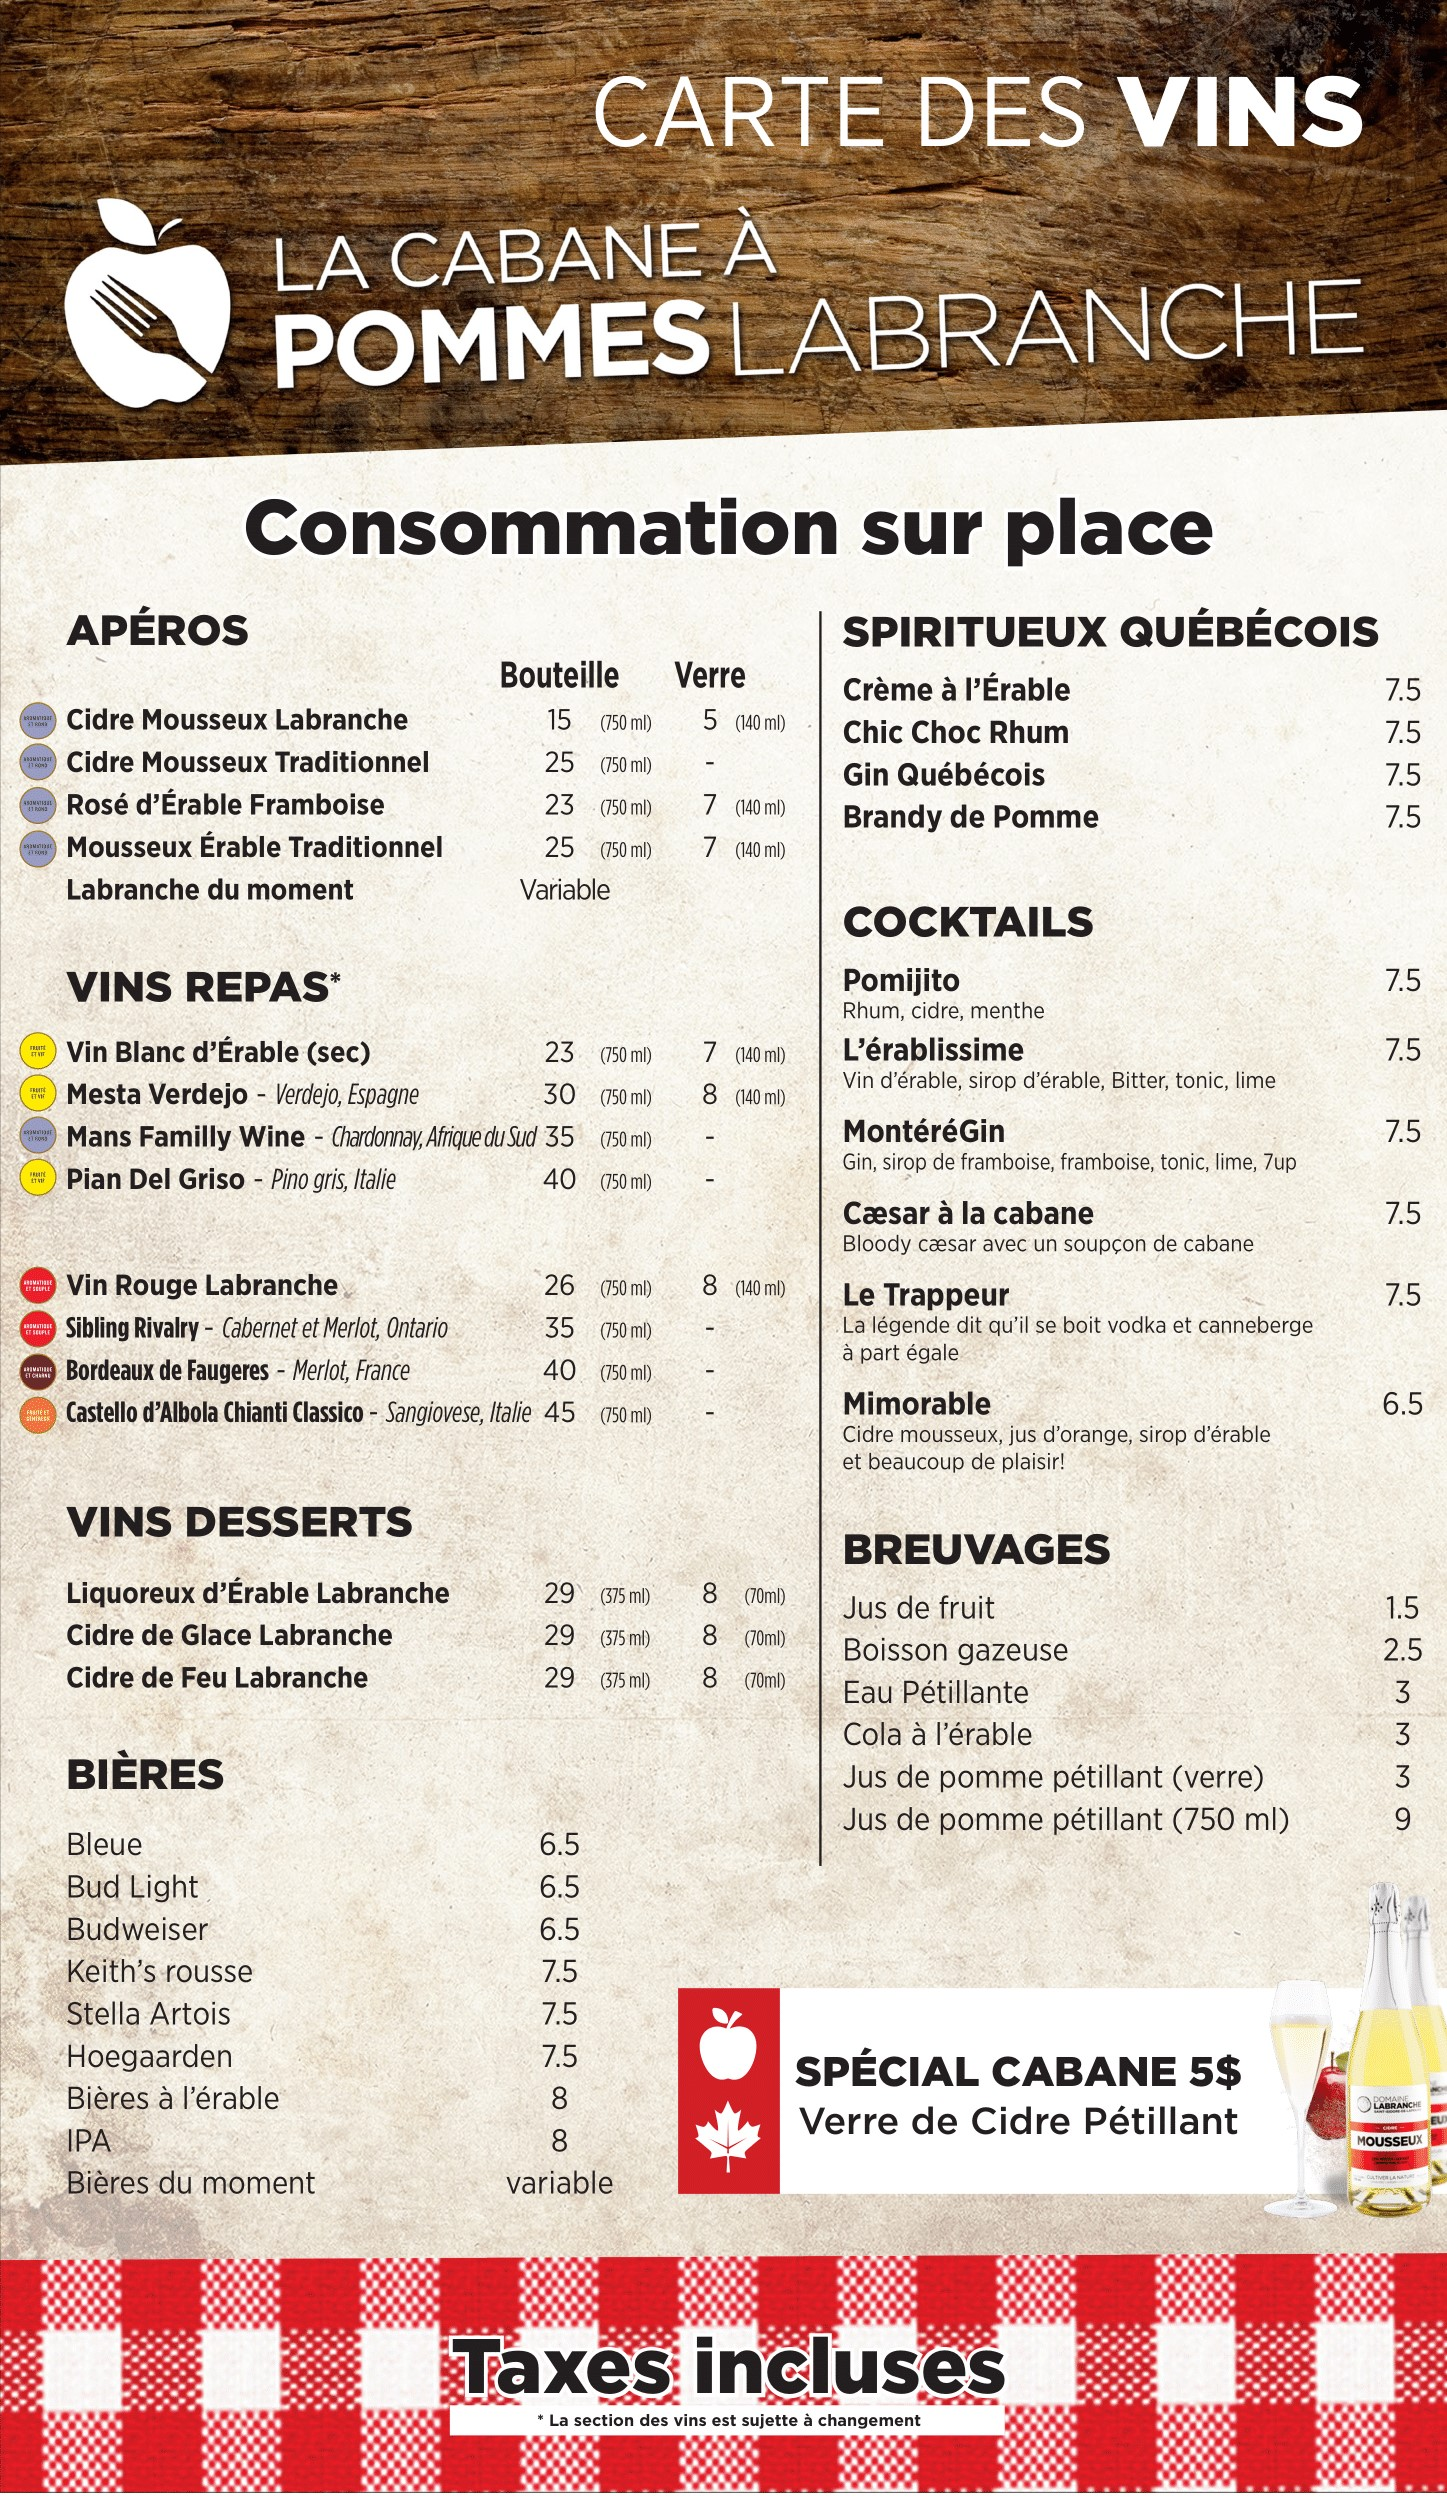 carte-des-vins-DLB-2019